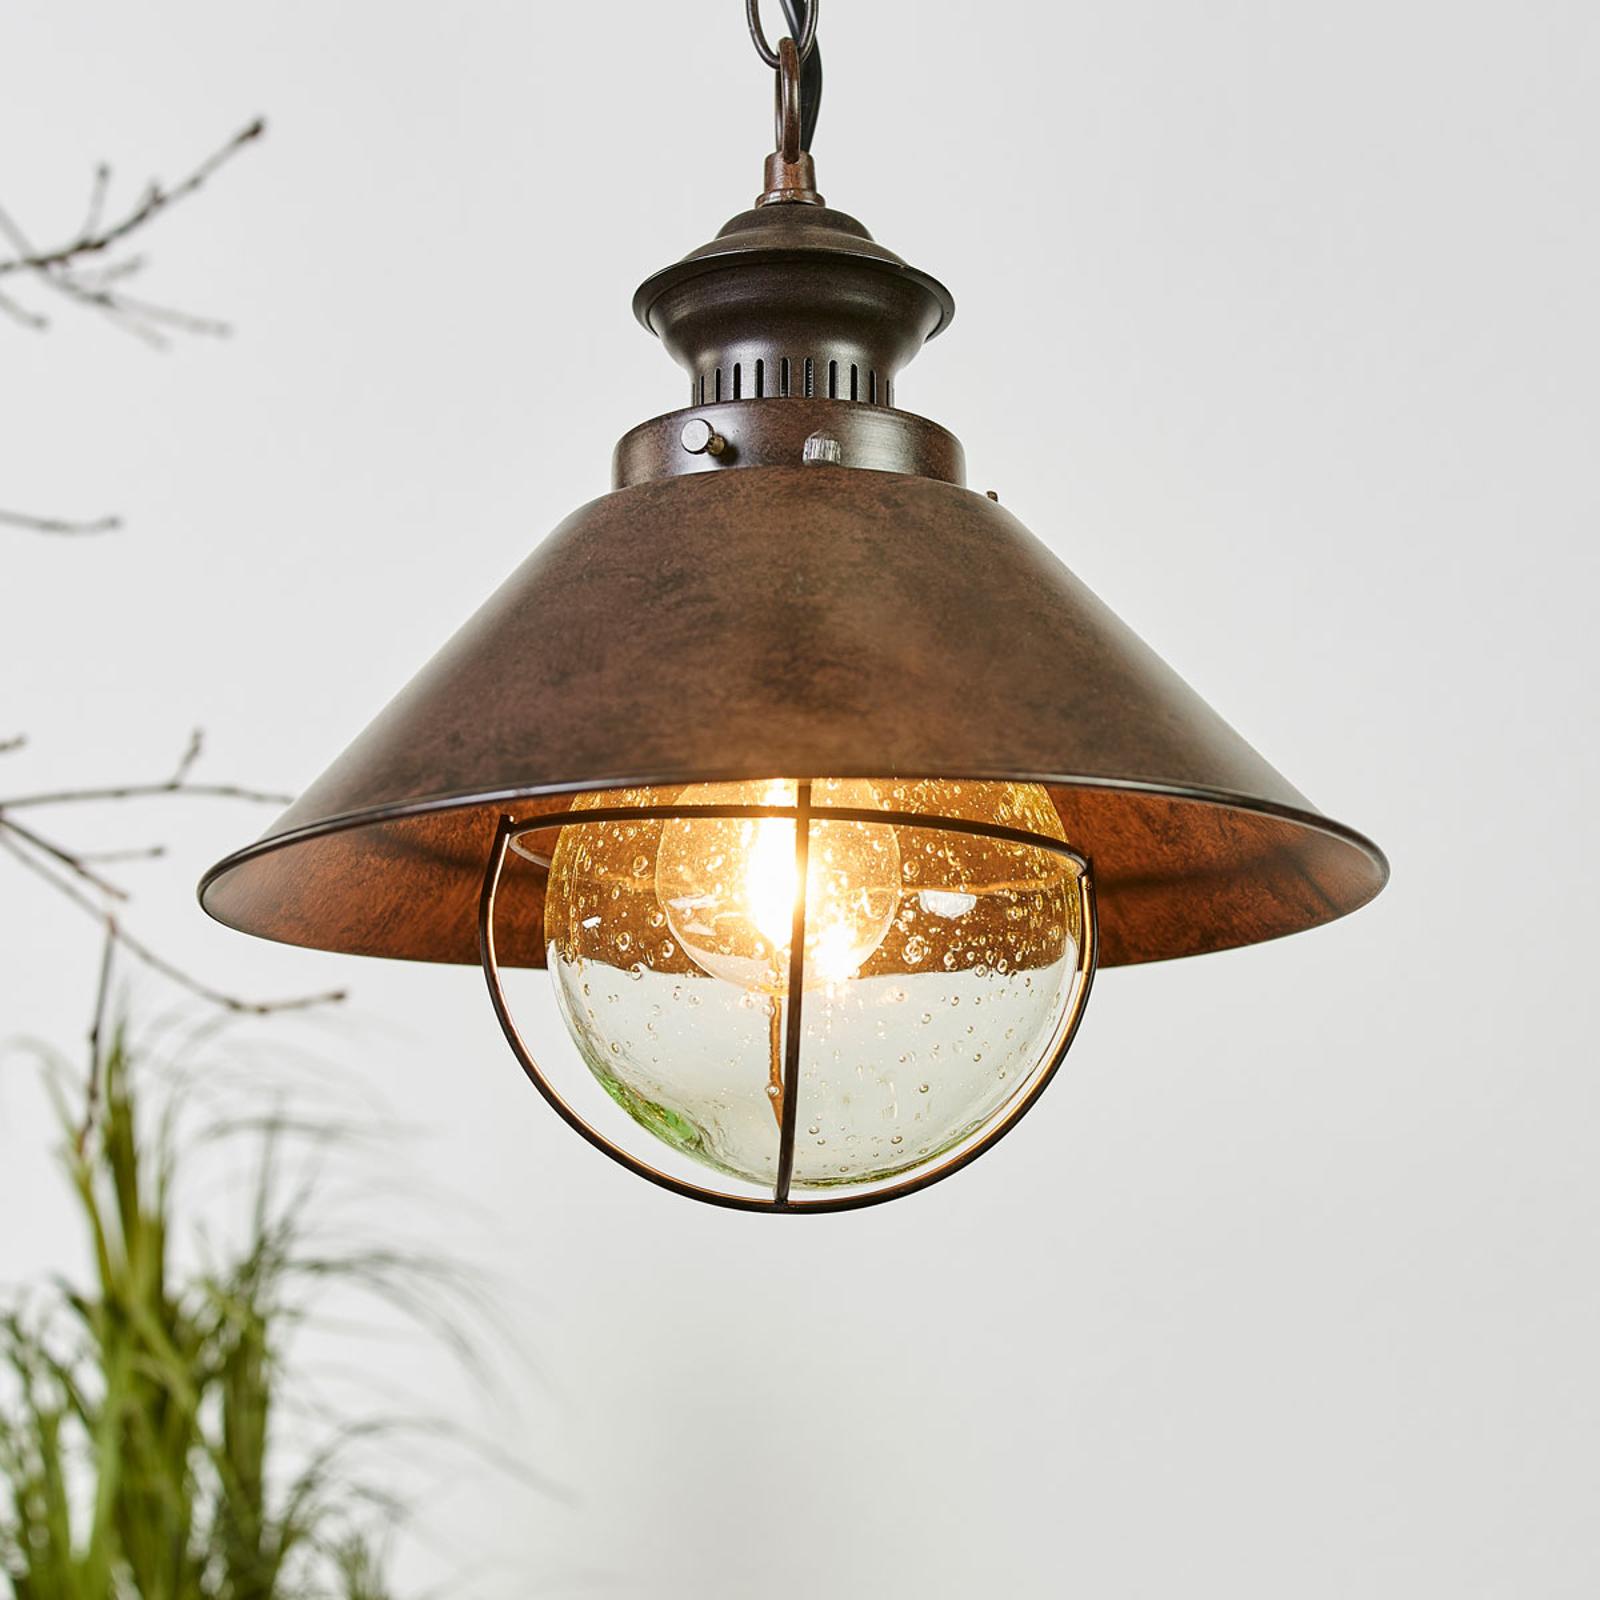 Lampa wisząca Nautica o antycznym wyglądzie 26 cm